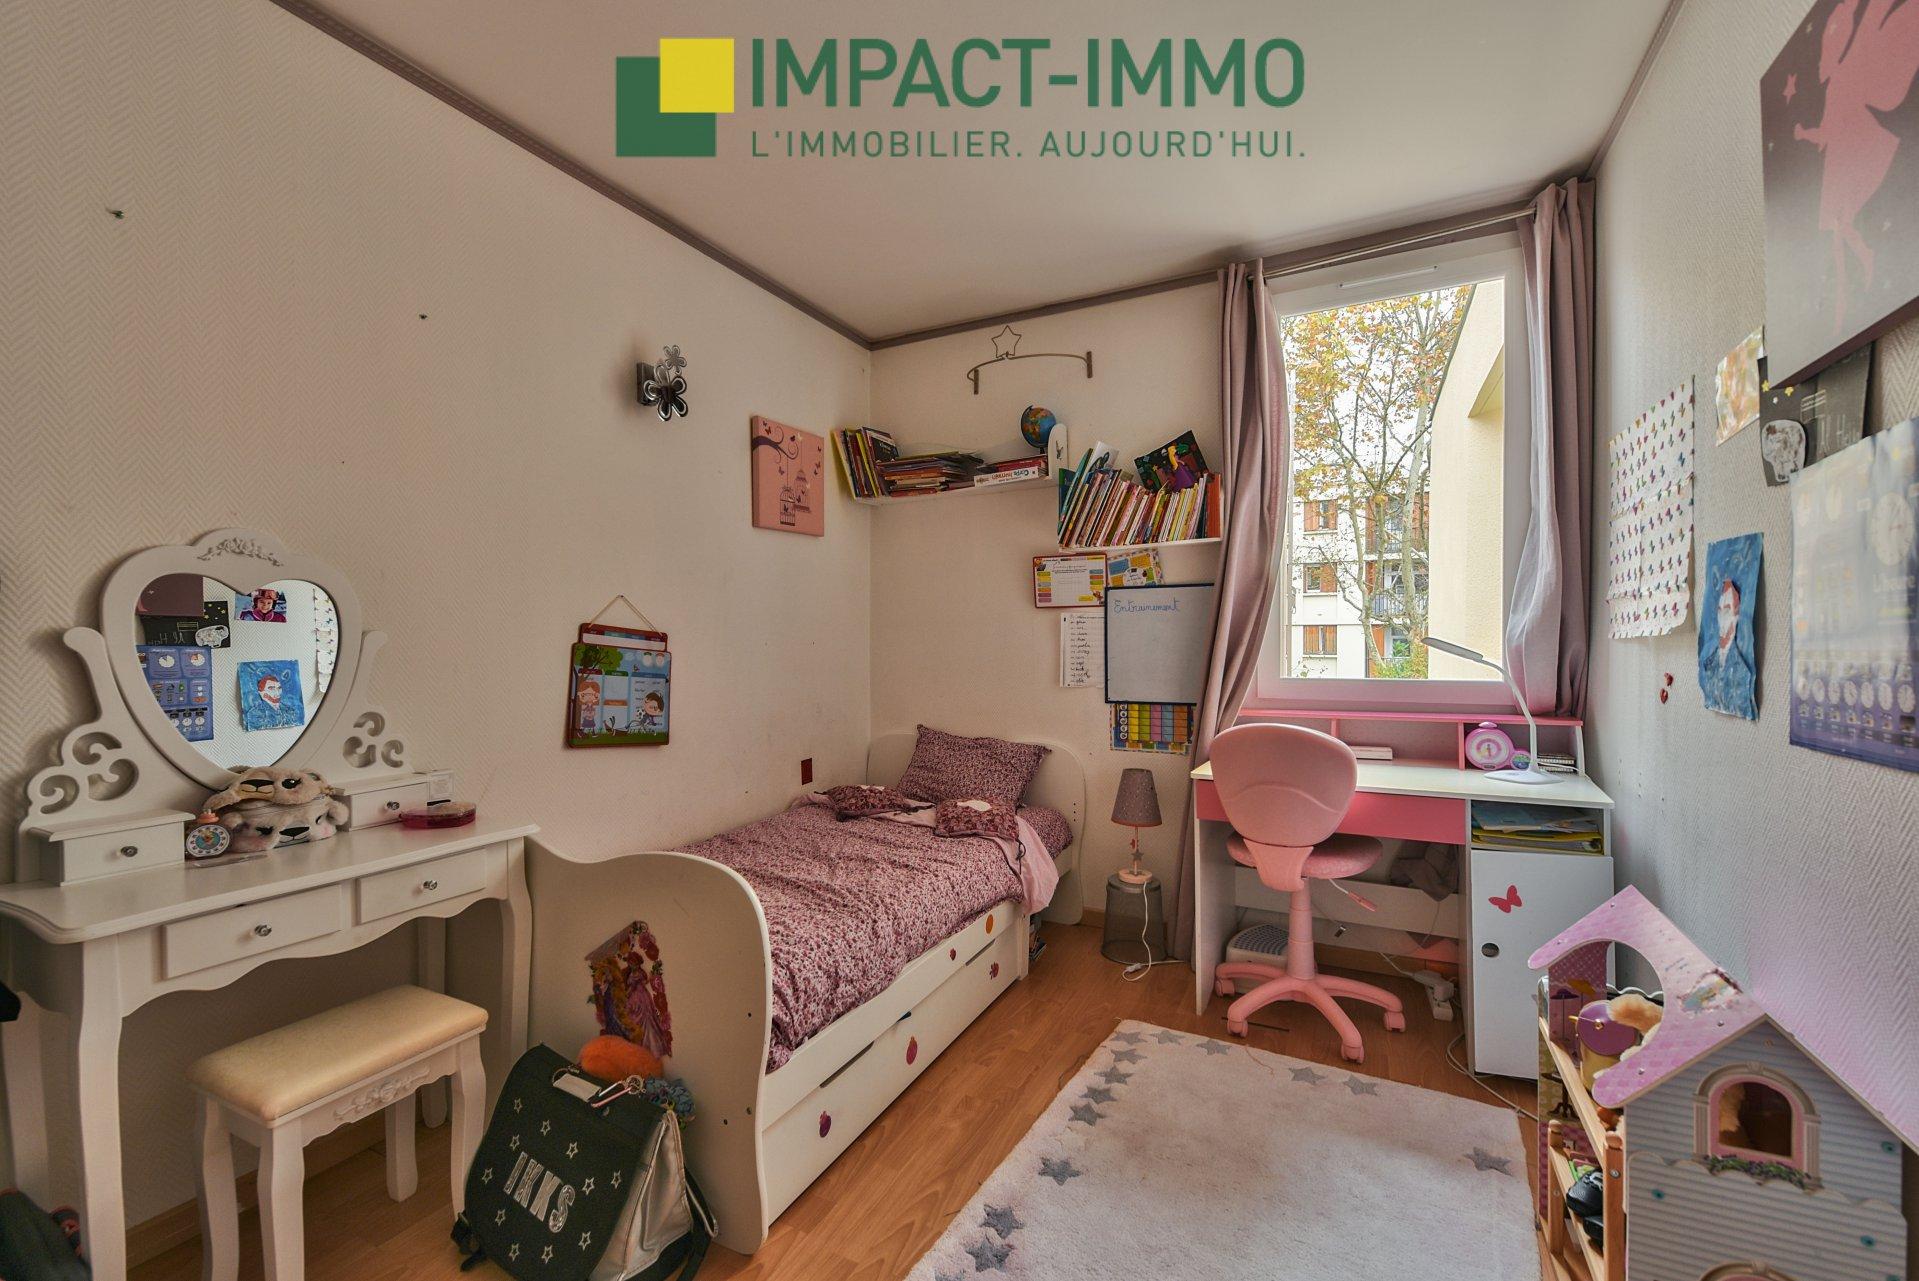 Maison en parfait état - Limitrophe Bois Colombes